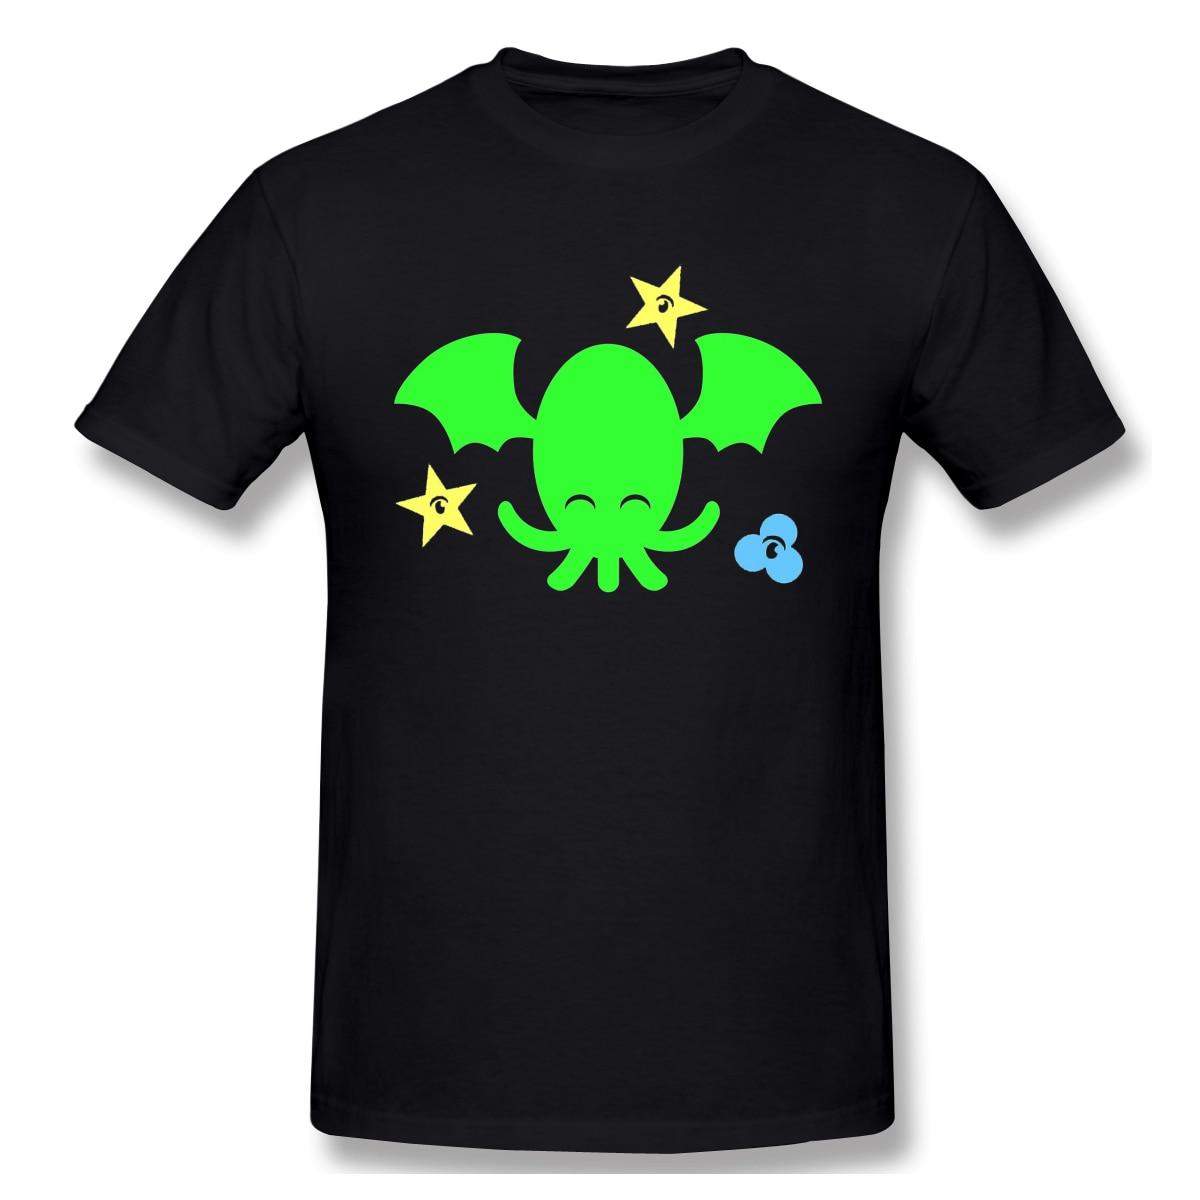 Alta qualidade o pescoço 100 algodão topos & t banda bonito uluhu sonhos camiseta verão/outono chamada de cthulhu manga curta